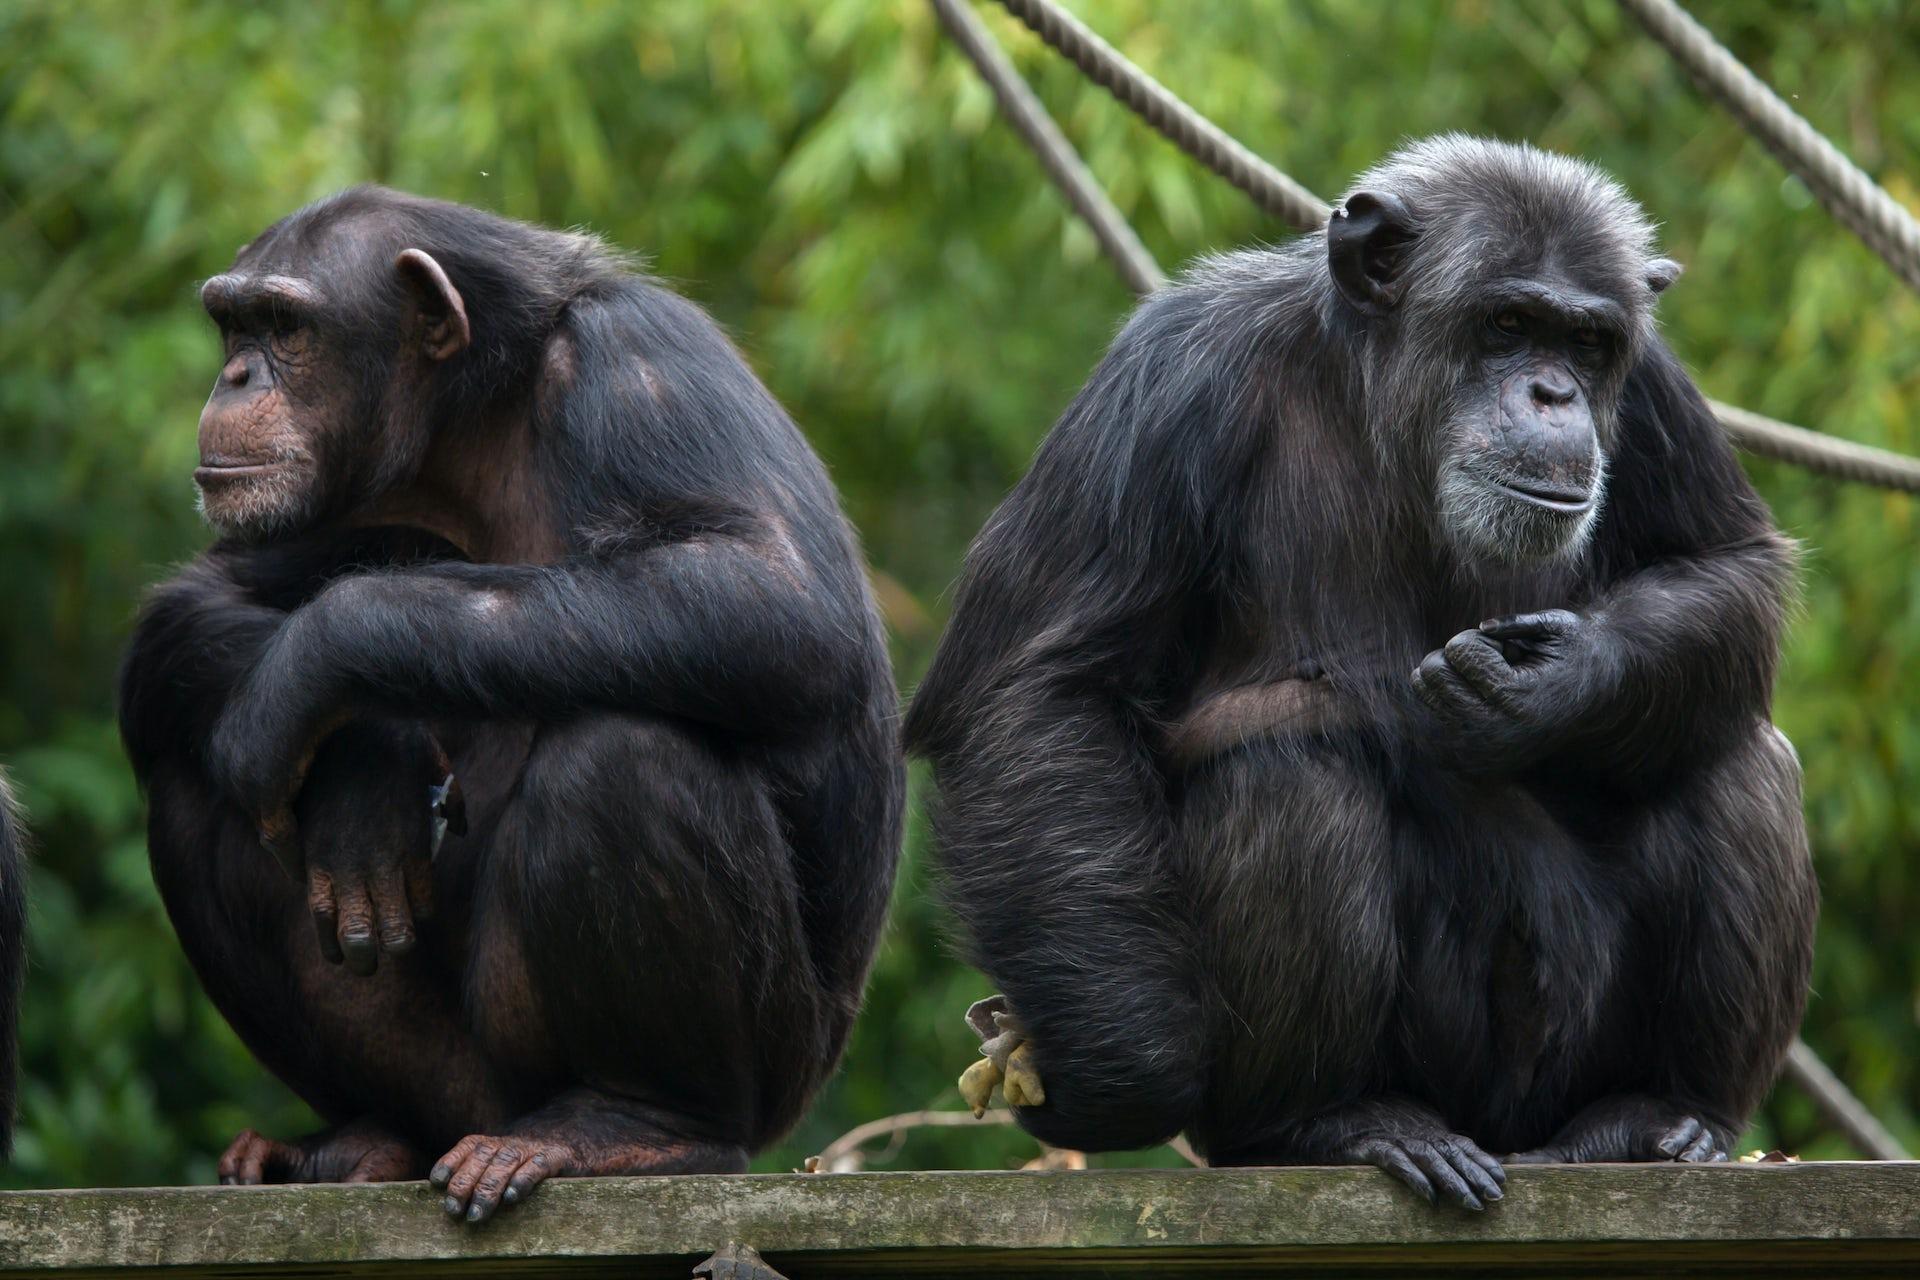 البشر يتشاركون في 99% من جيناتهم مع الشمبانزي، أقرب أقربائنا. Shutterstock